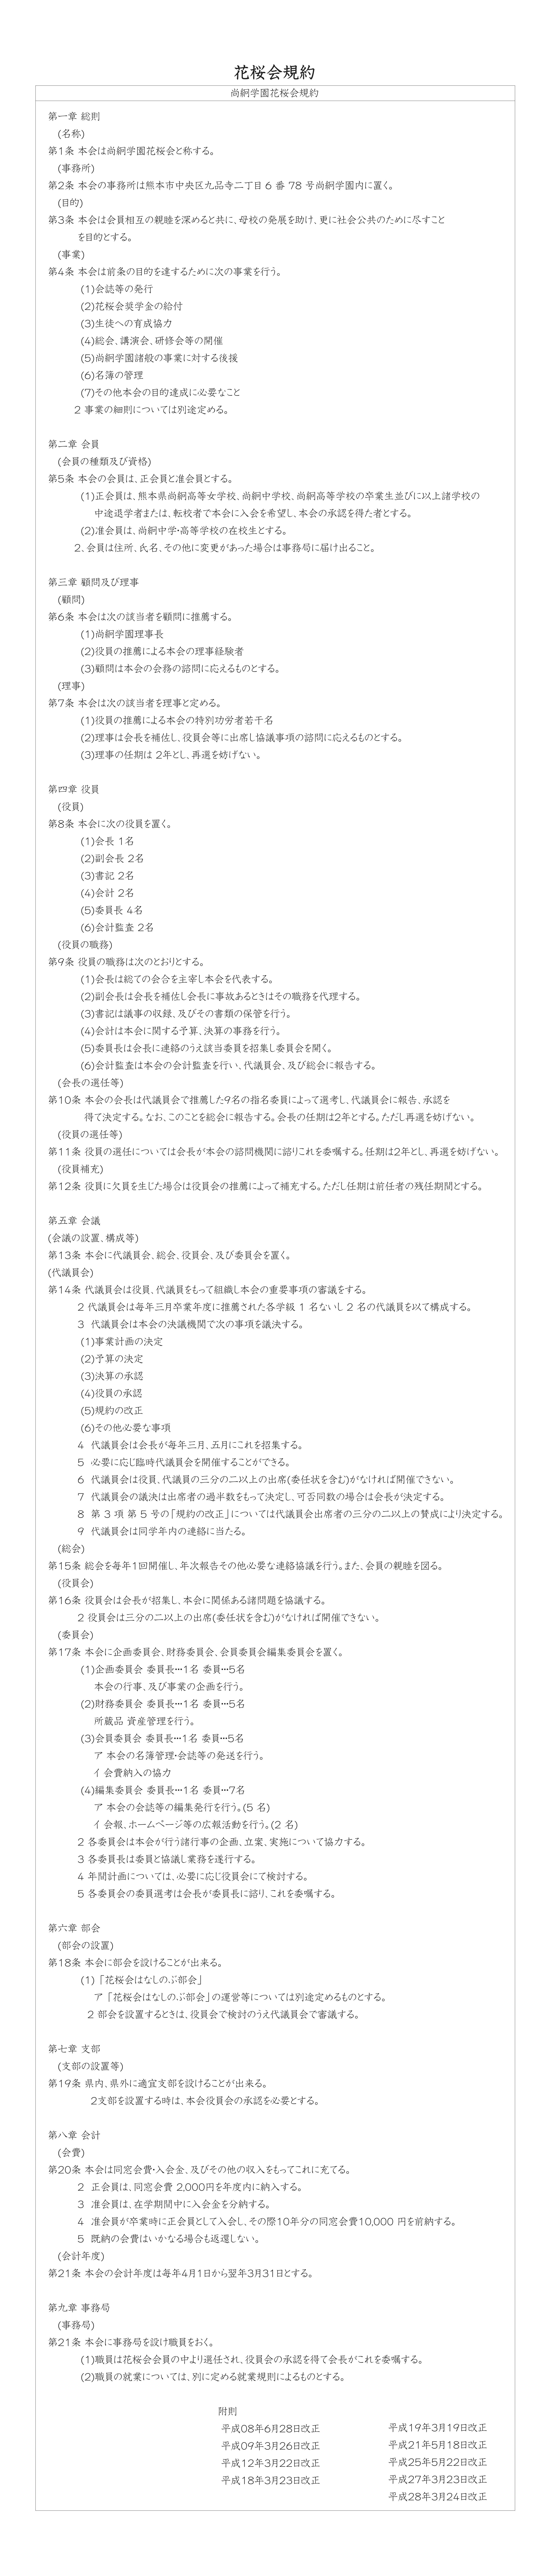 花桜会規約